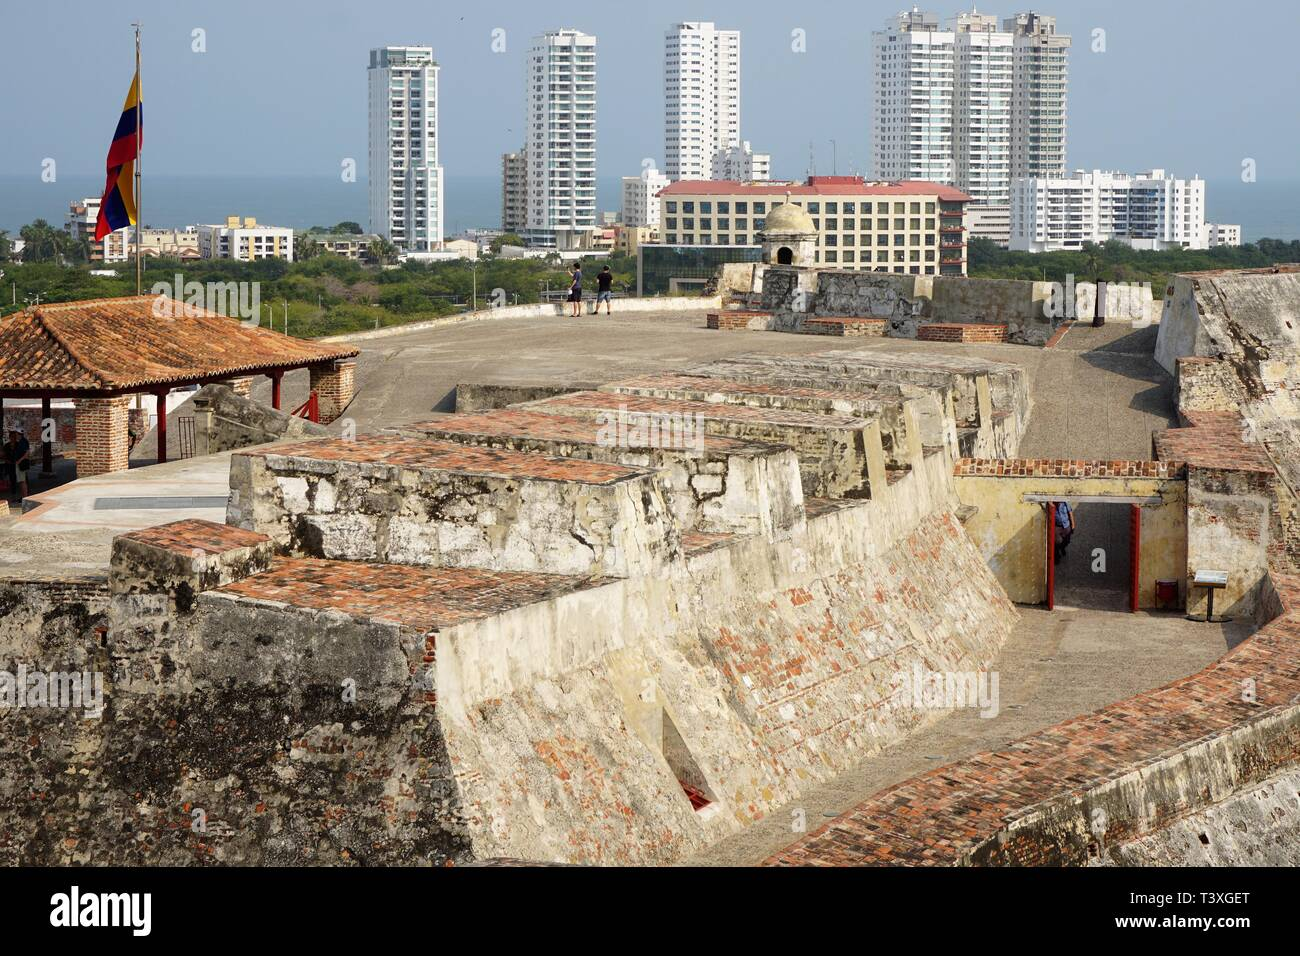 Vista dalla cima del vecchio Fortino San Filippo di fronte al moderno skyline della città di Cartagena, Colombia Immagini Stock